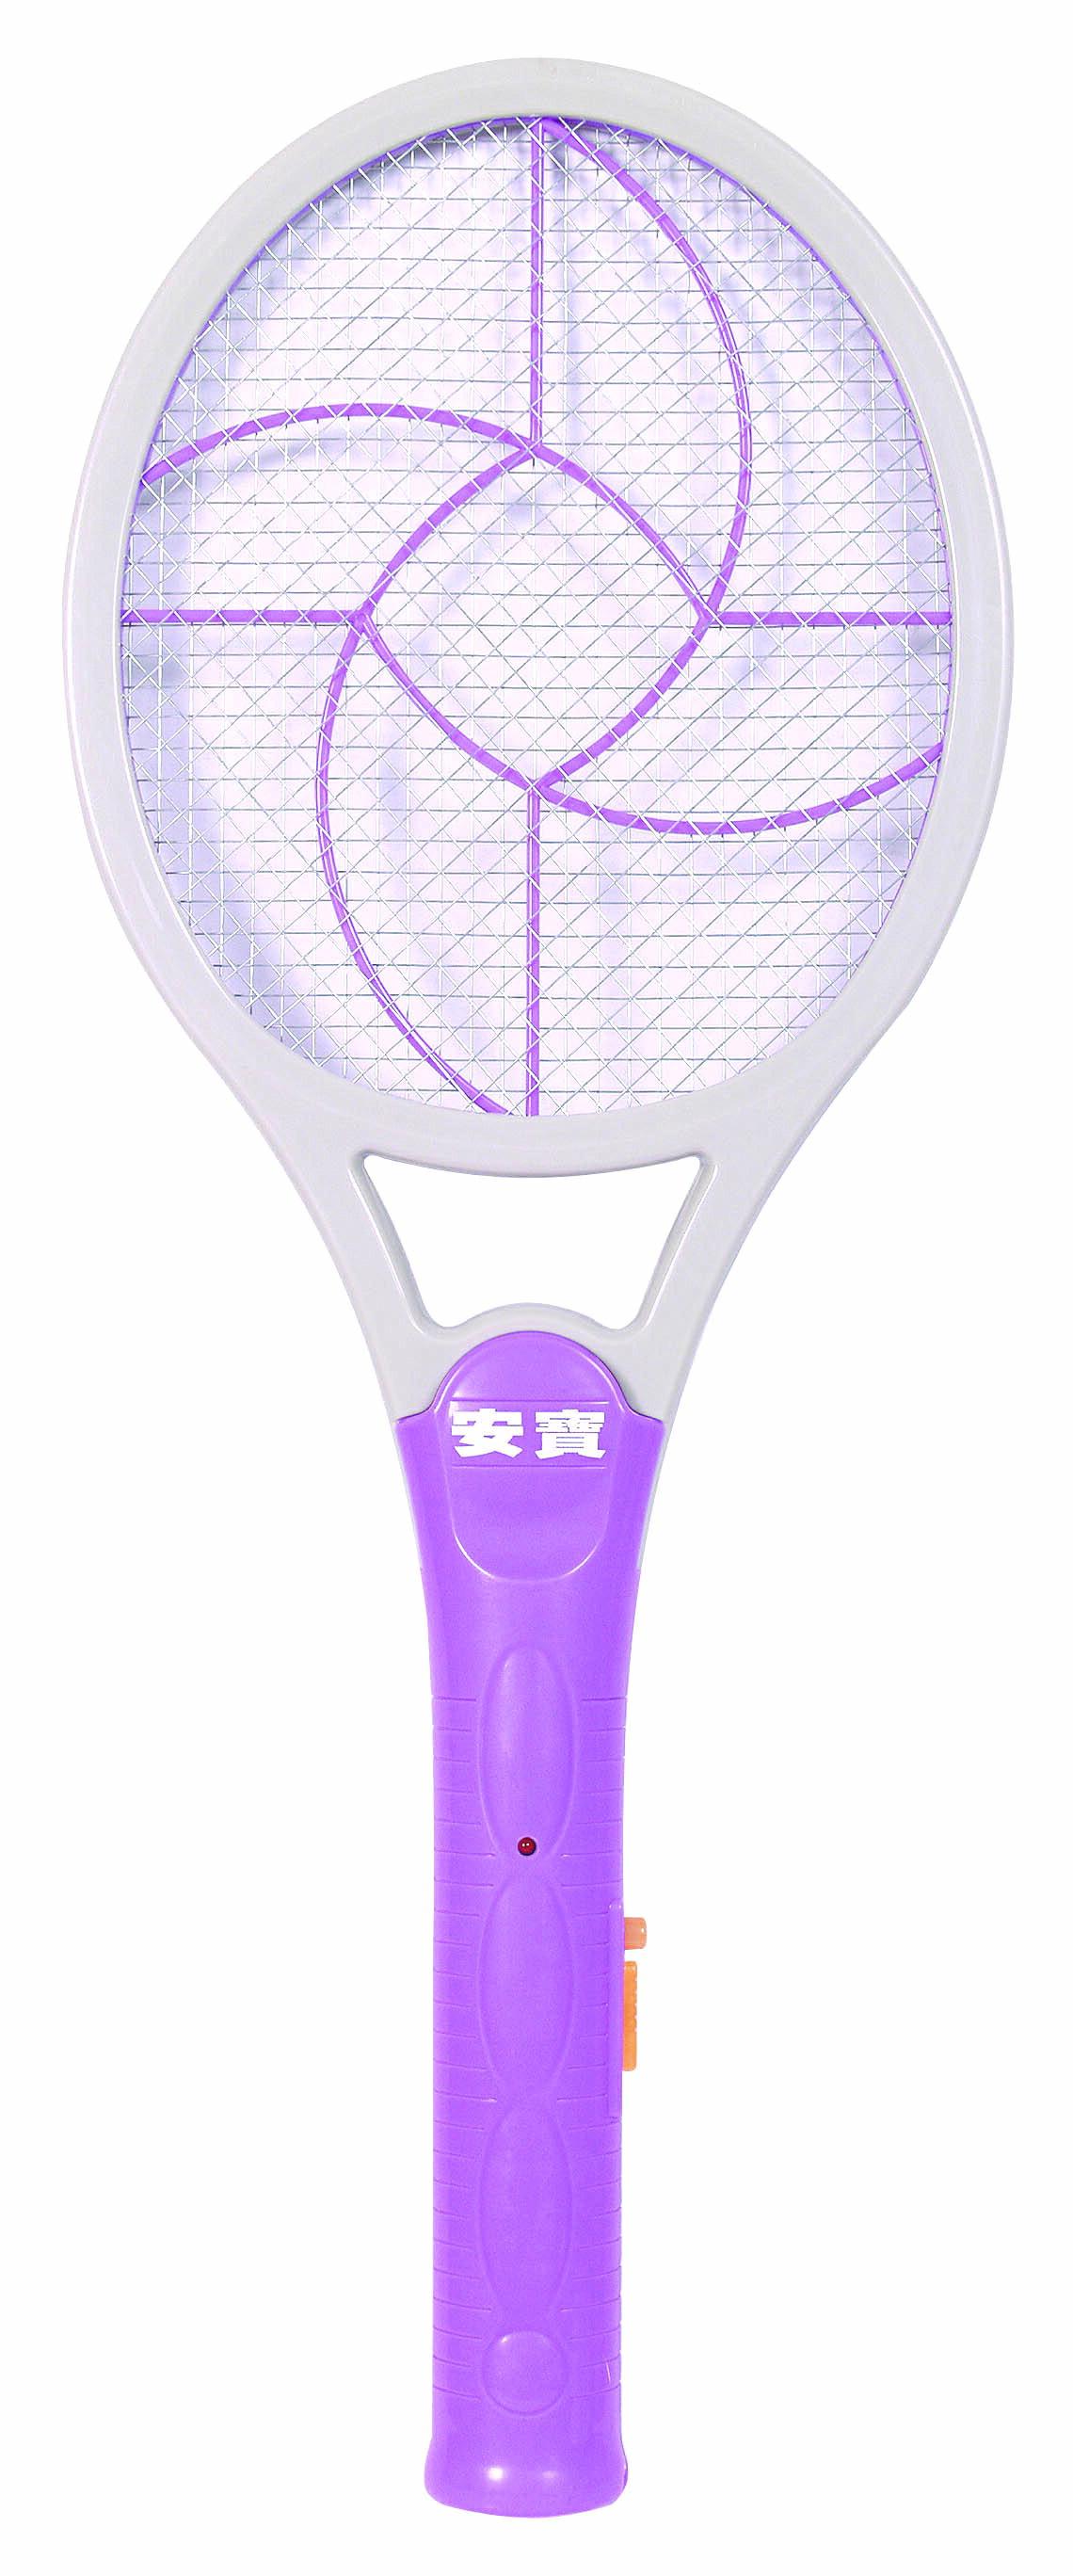 【安寶】雙層捕蚊拍(小) AB-9921